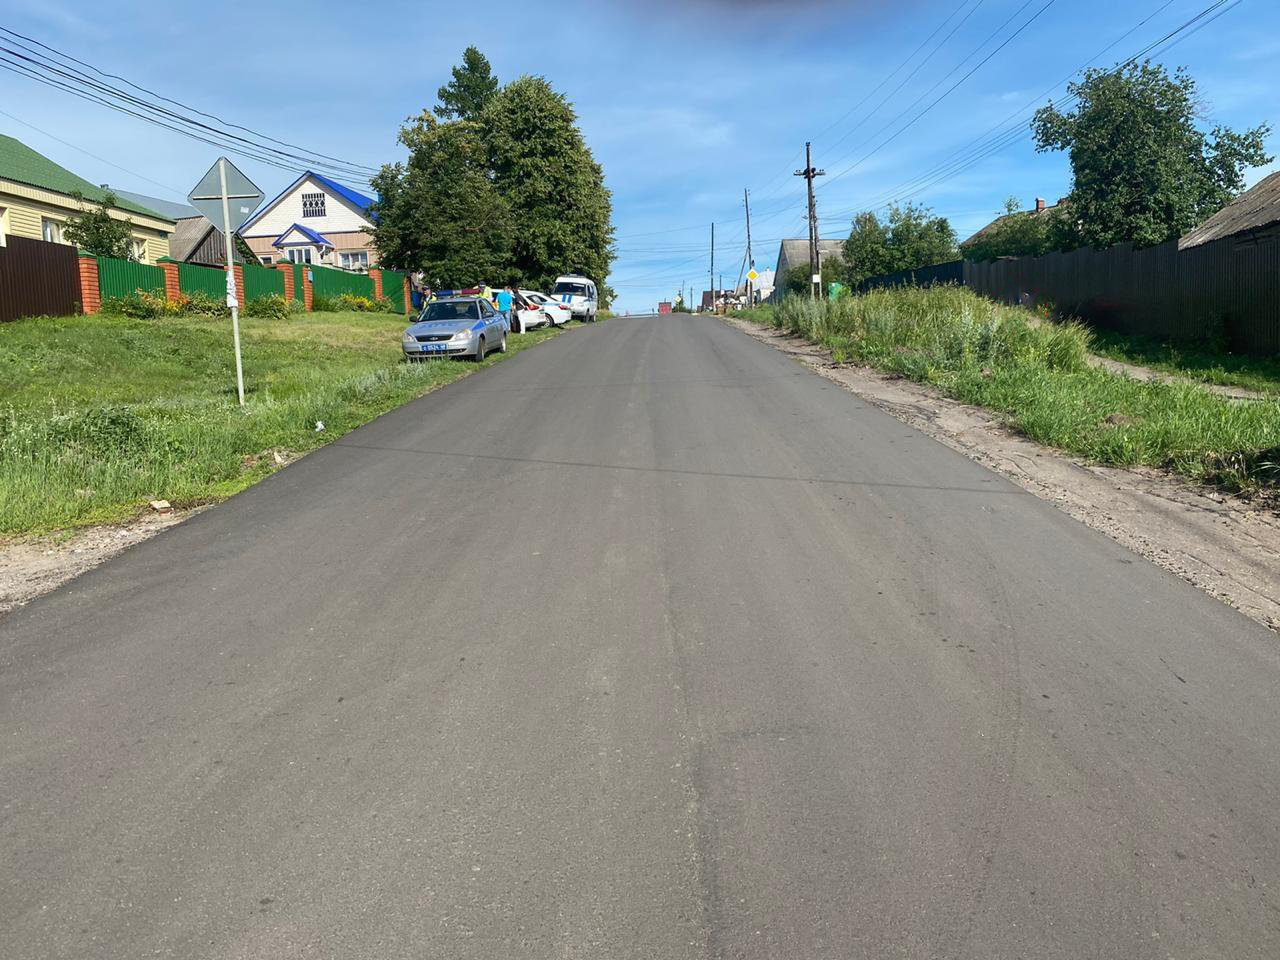 В Тамбовской области подросток на мотоцикле сбил пешехода, фото-1